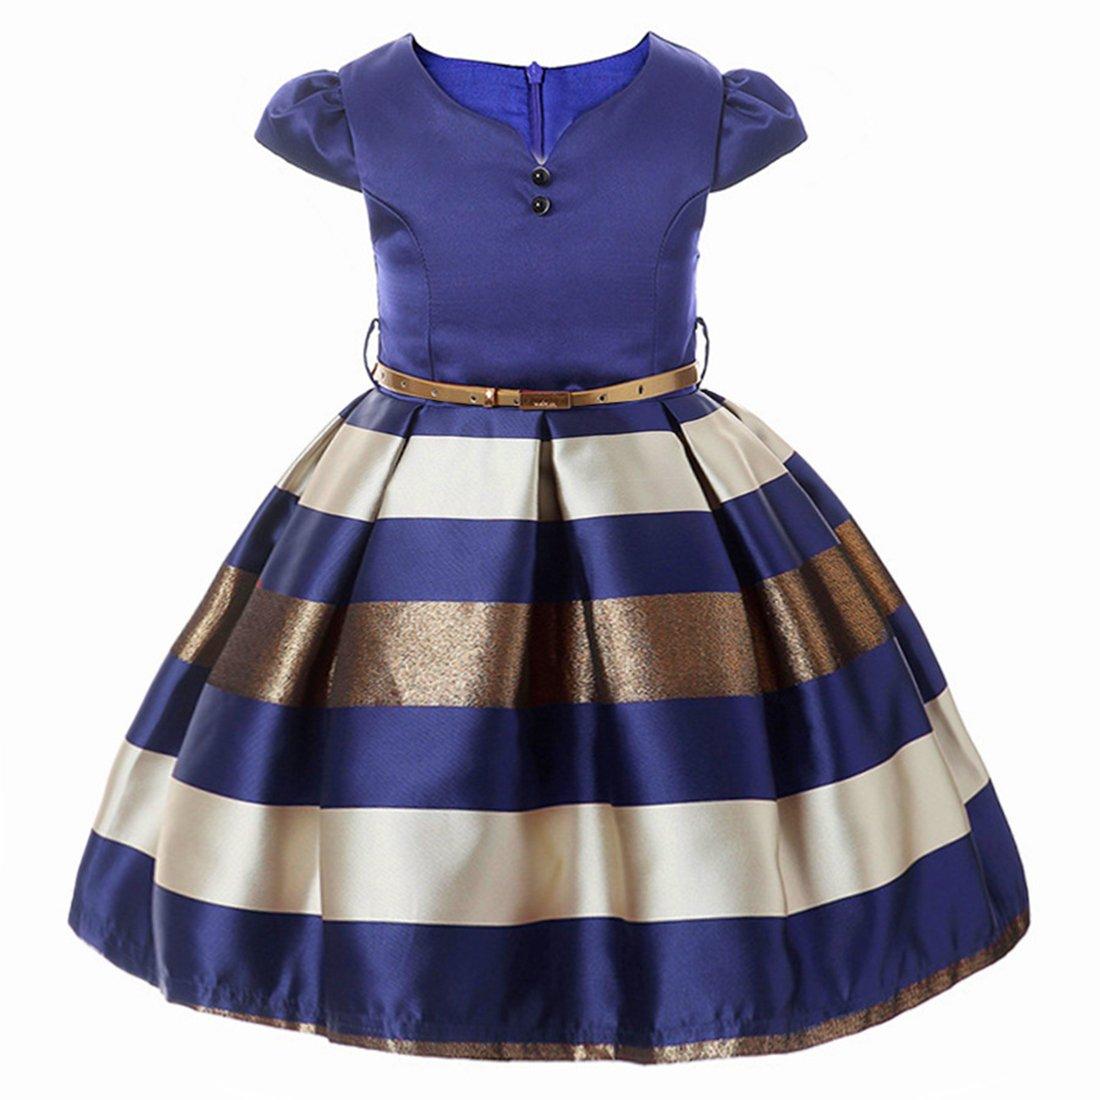 ADHS de - B01N77YLHJ Vestido de fiesta de para niñas, vestidos de ...